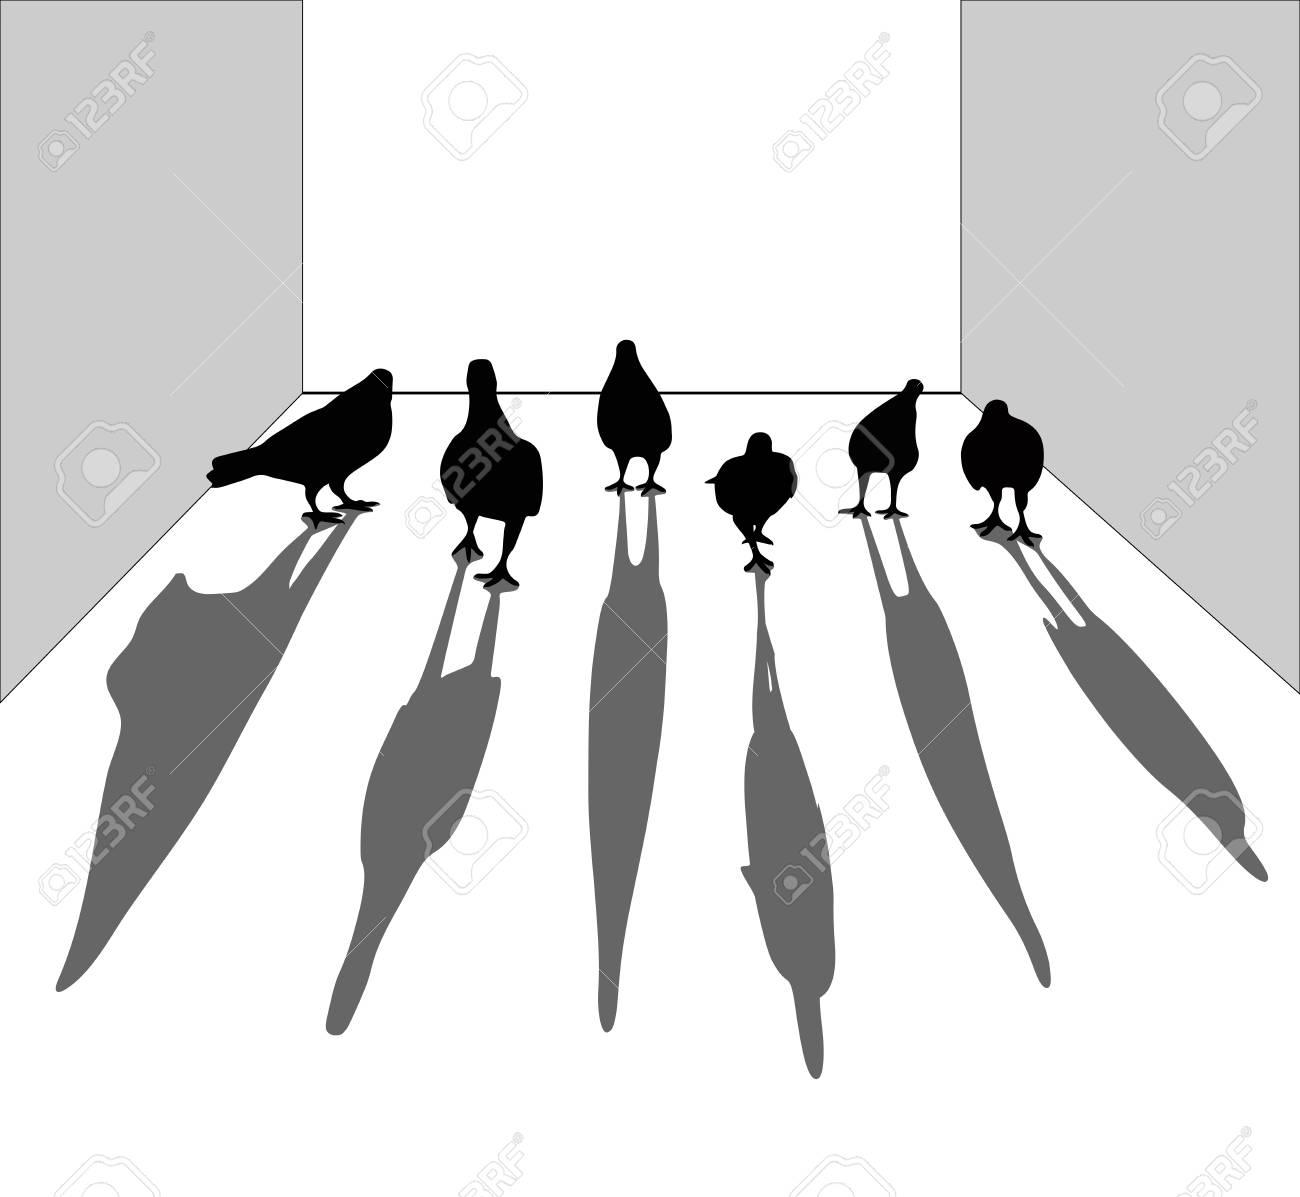 Silueta De Pájaro Paloma Caminando En El Piso. Parece Un Gángster ...